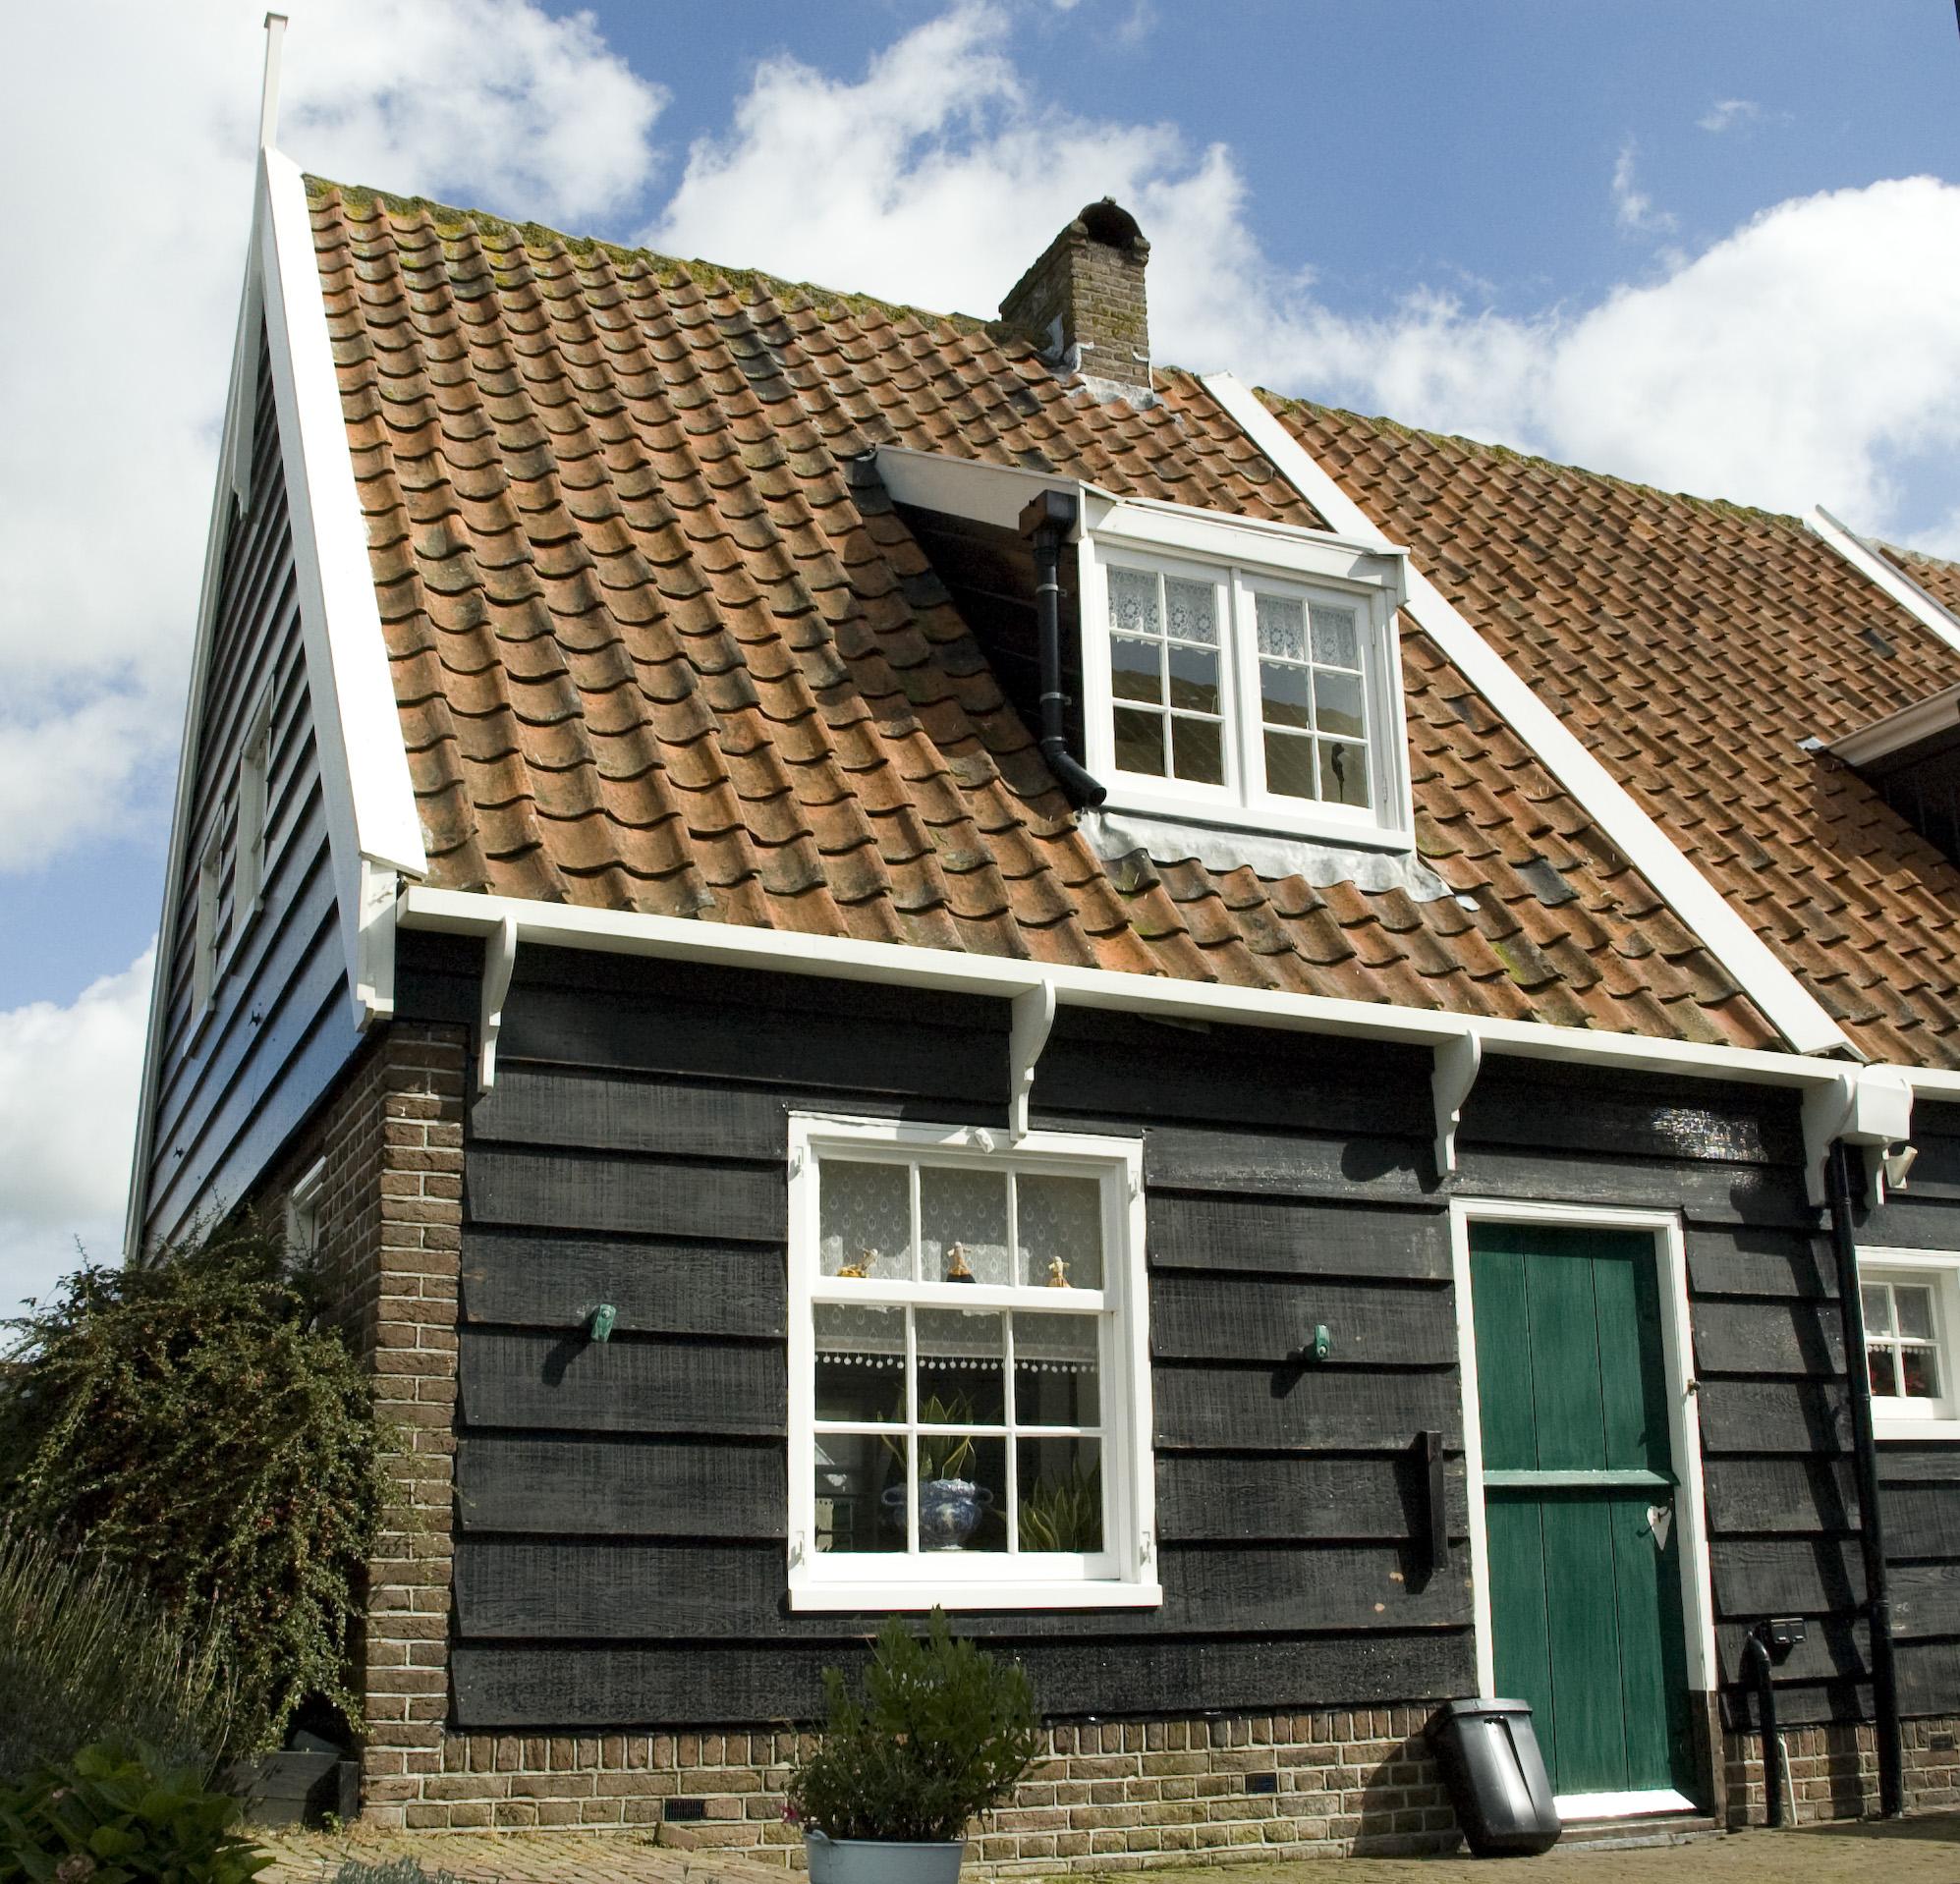 Houten huis onder zadeldak in marken monument for Hout huis